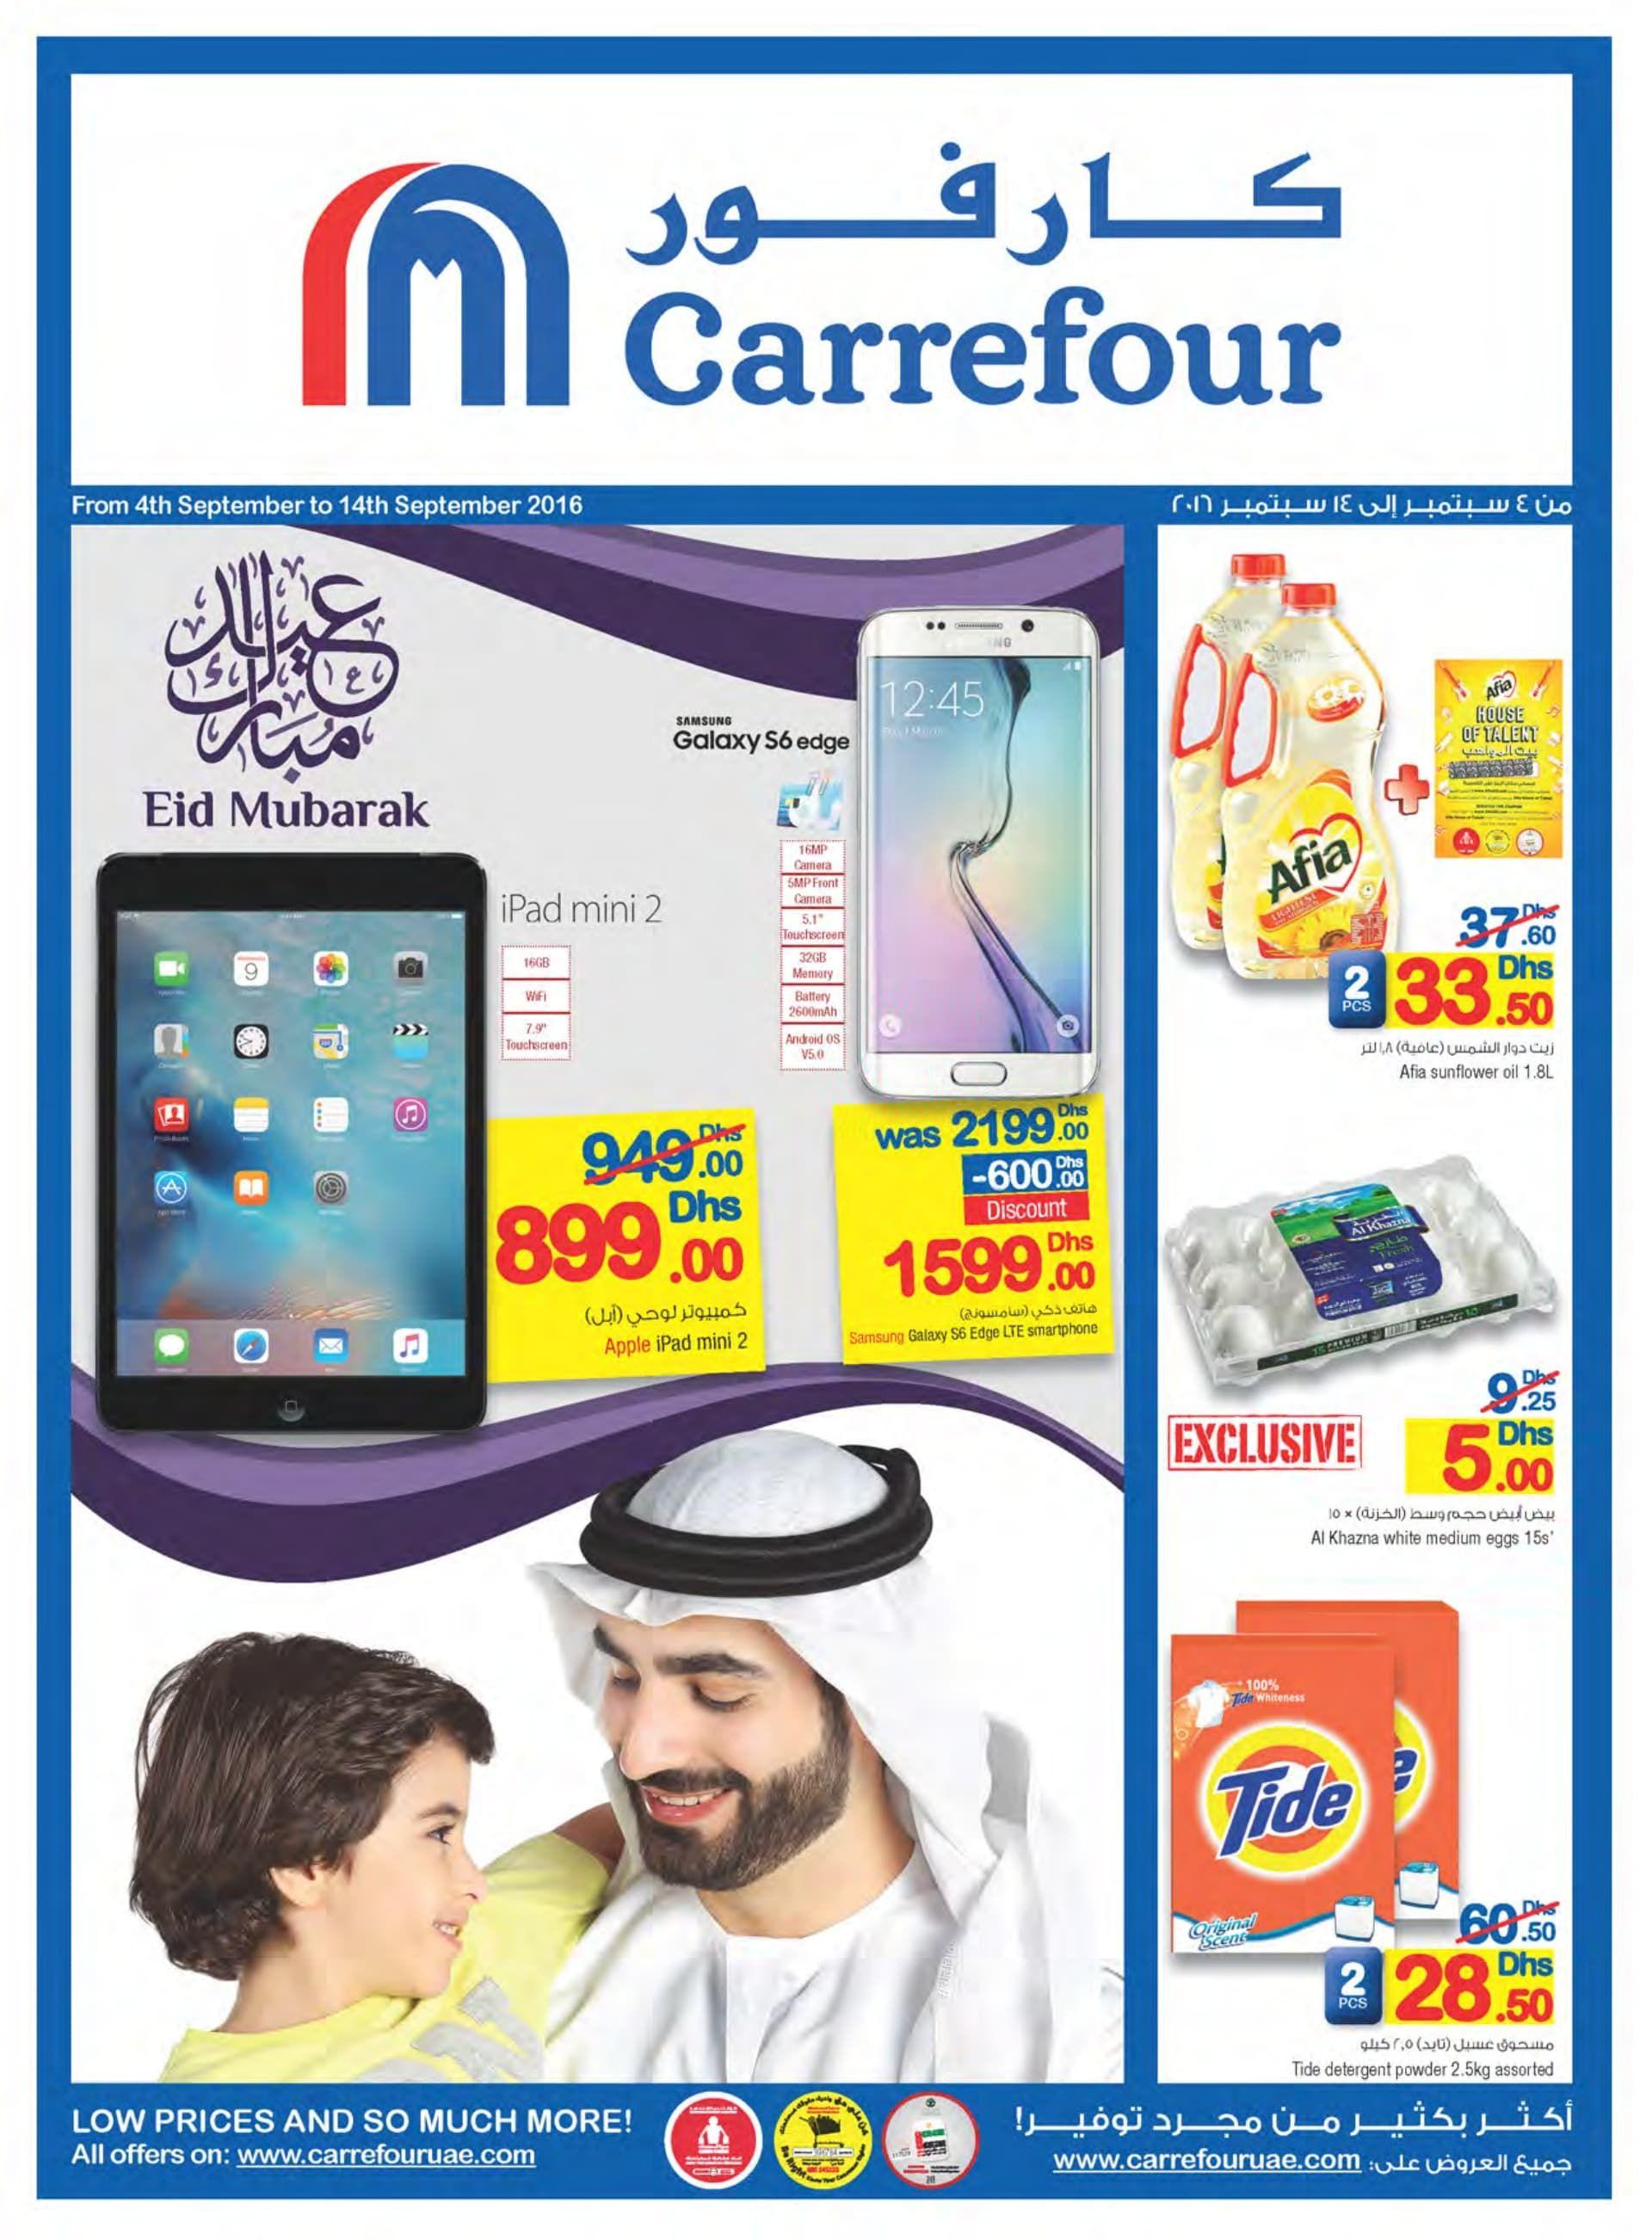 Carrefour Eid Offer Uae Carrefour Uae Offers Eid Uae